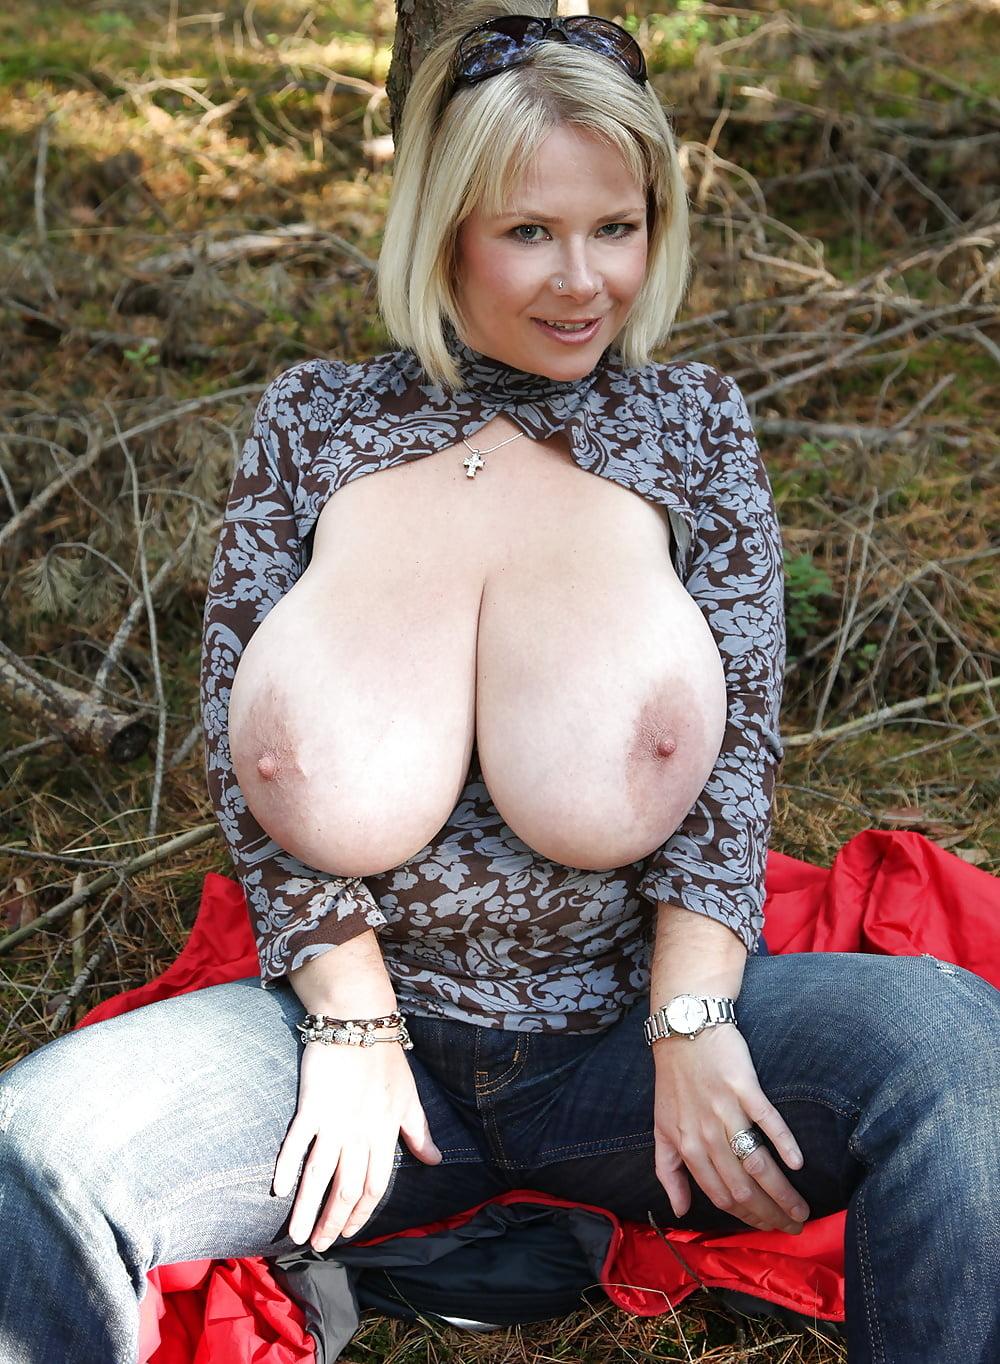 Большие сиськи фотки зрелых женщин залетают бордель